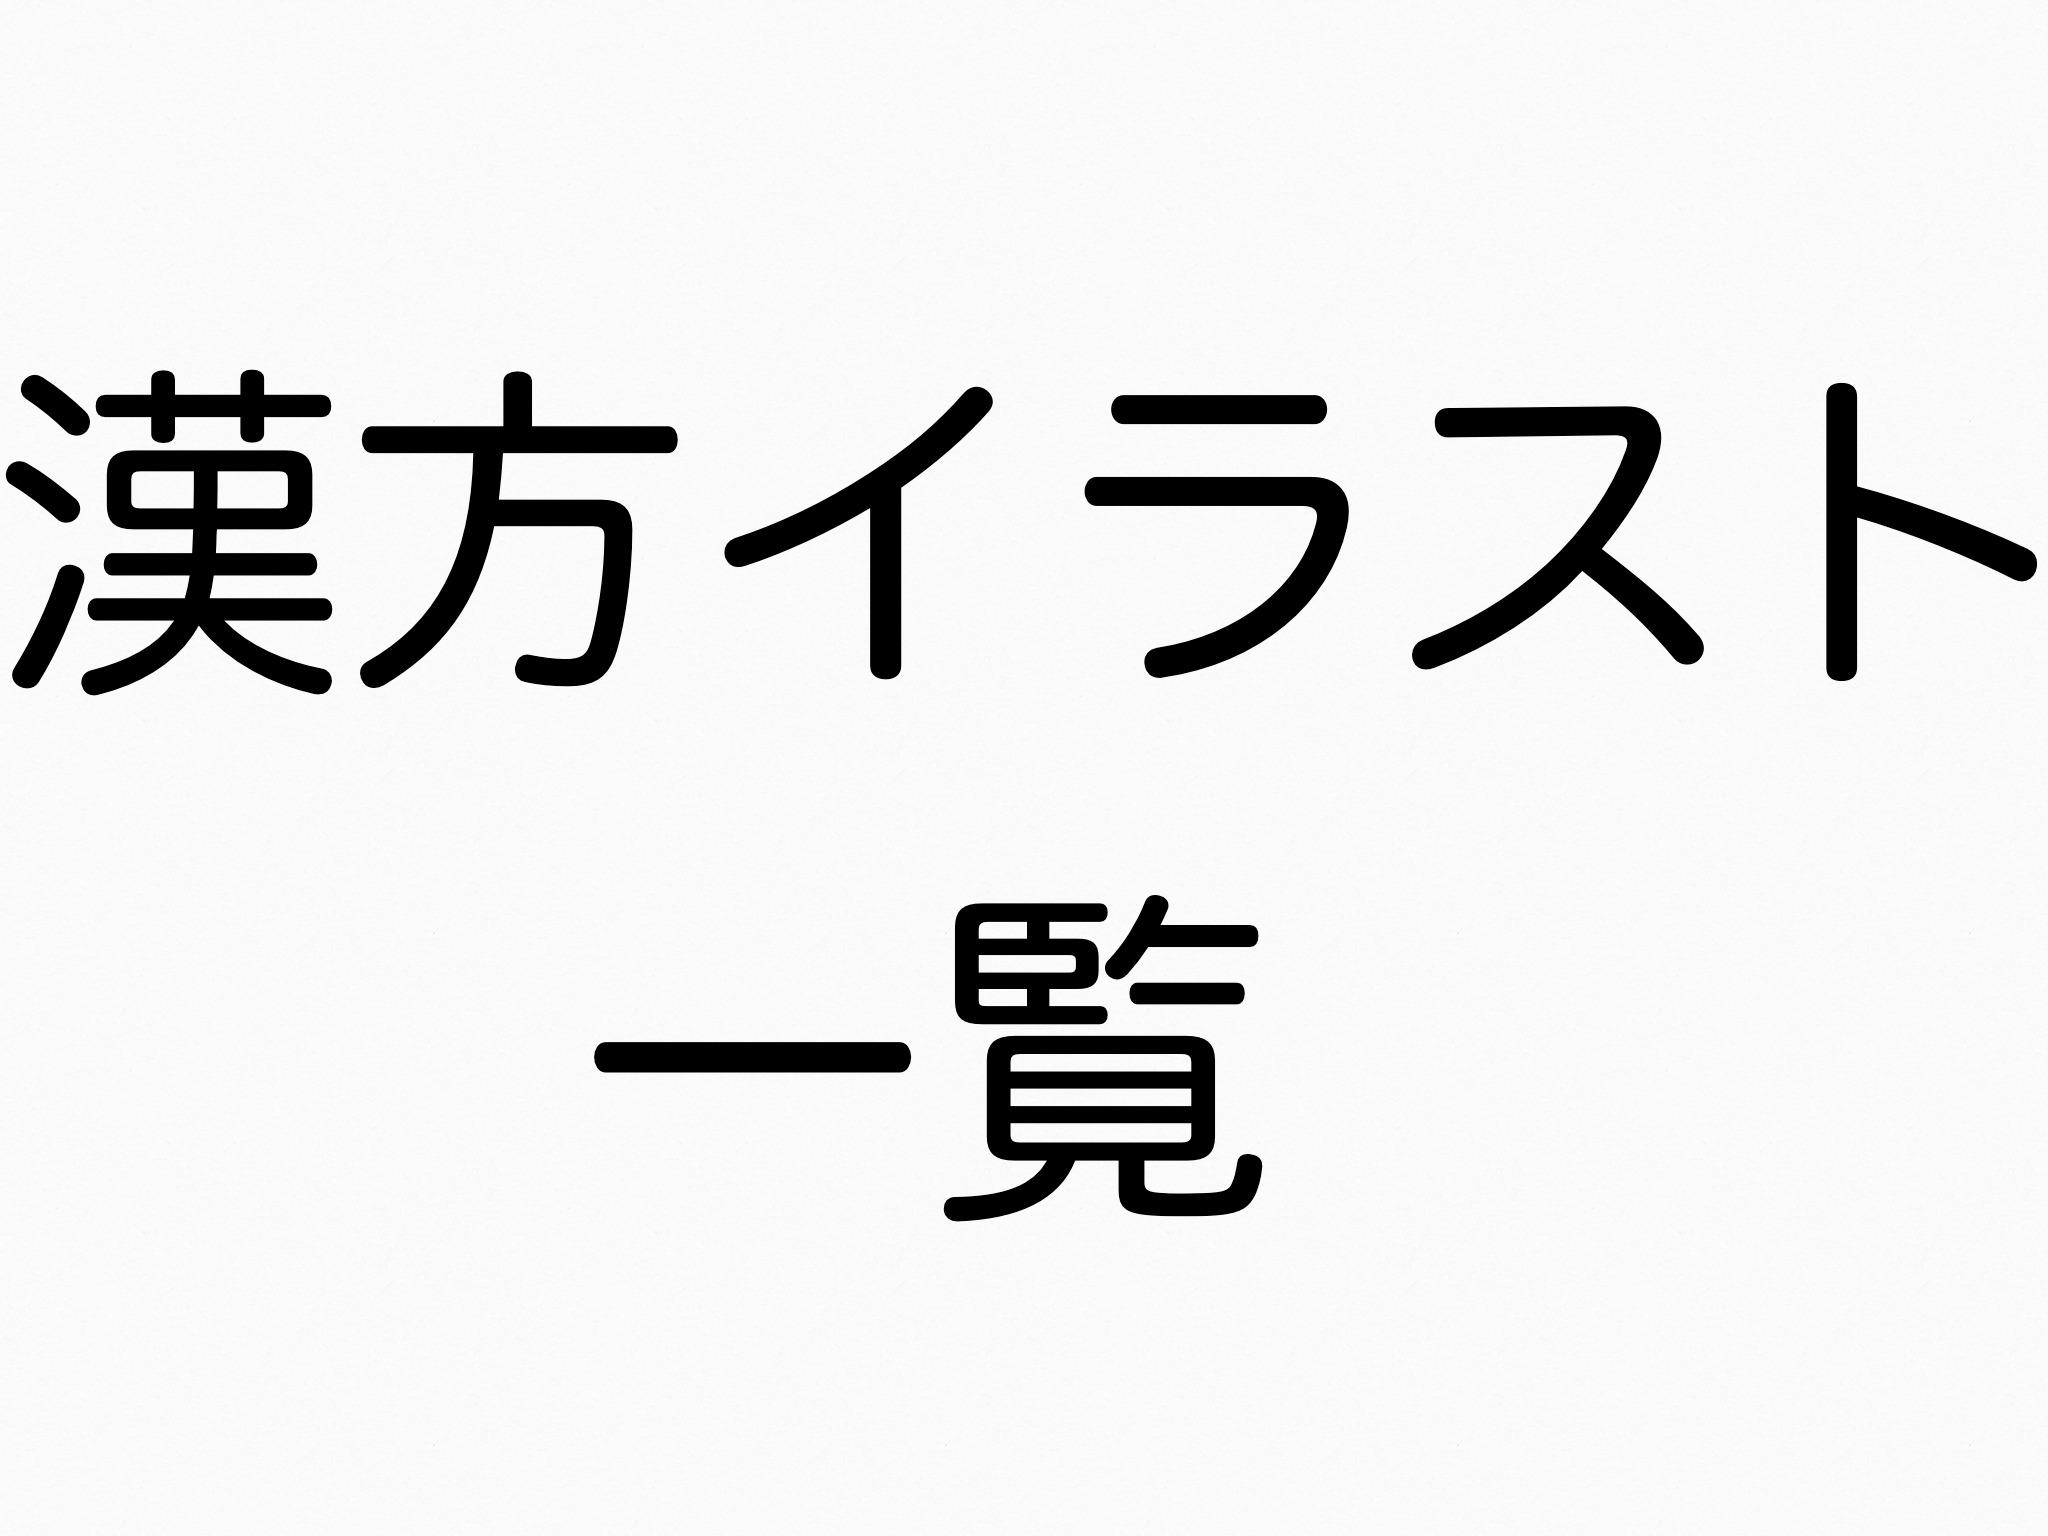 漢方のイラスト一覧表【第3章 覚え方・勉強法・まとめ】